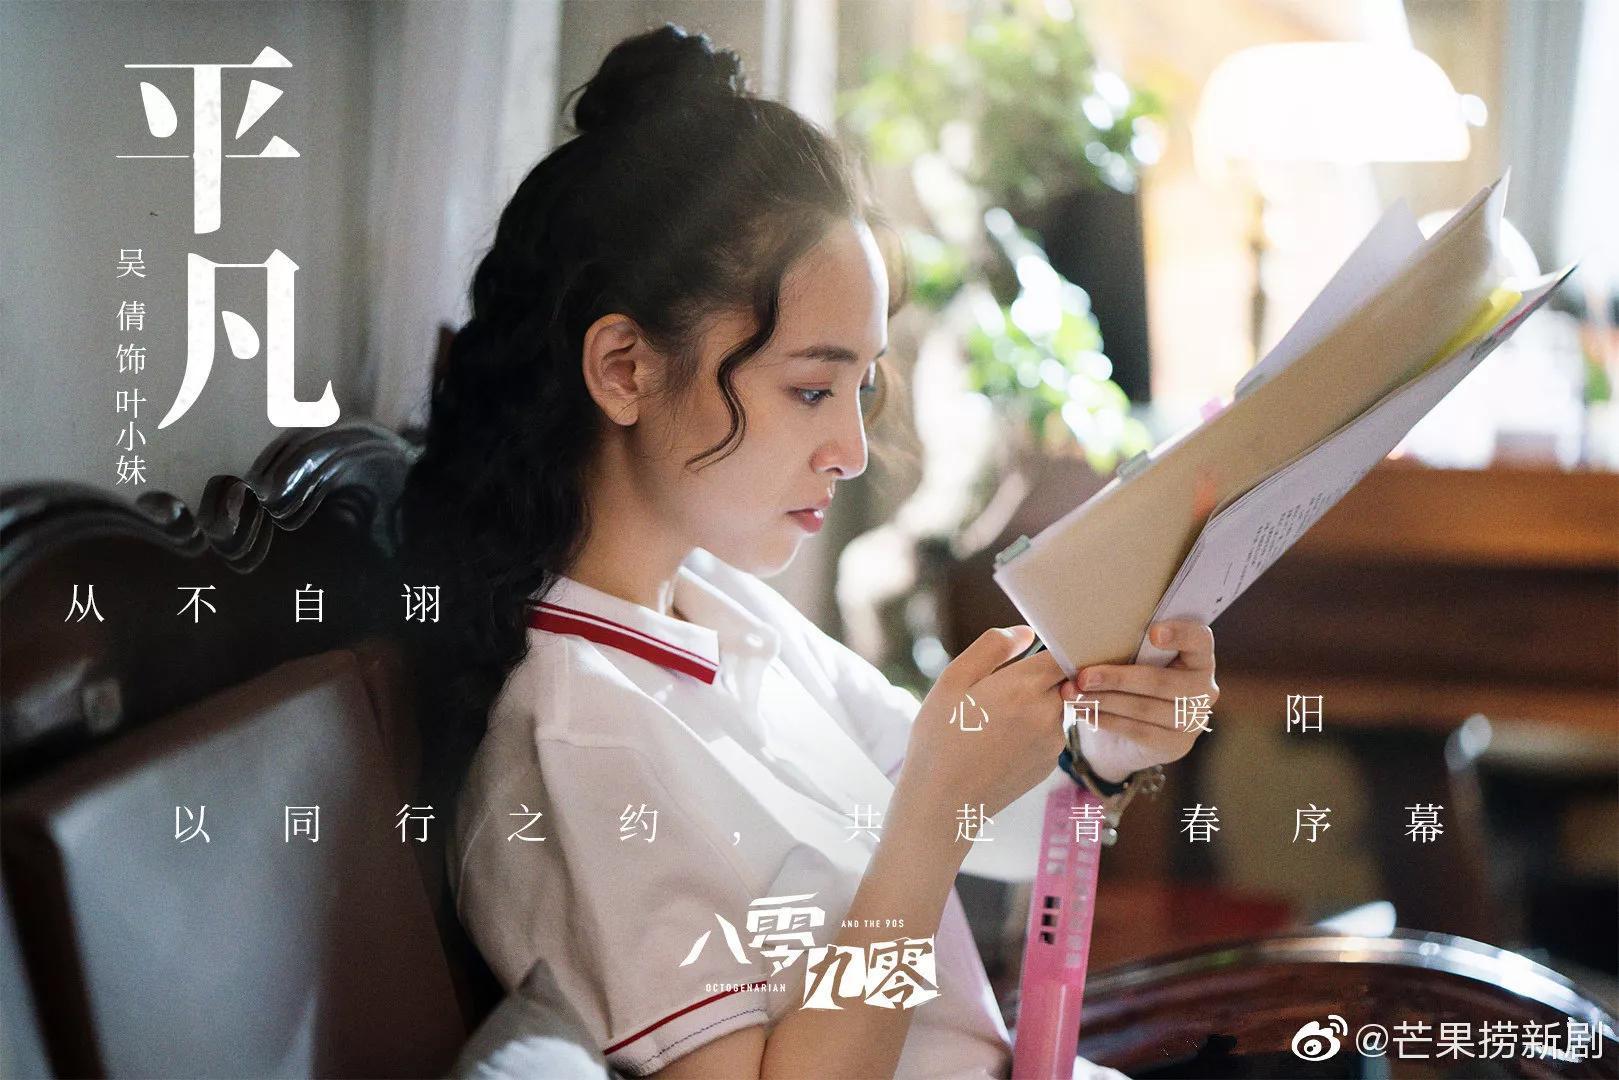 成毅、张予曦、李现、林更新、徐正曦…最近杀青新剧来喽!